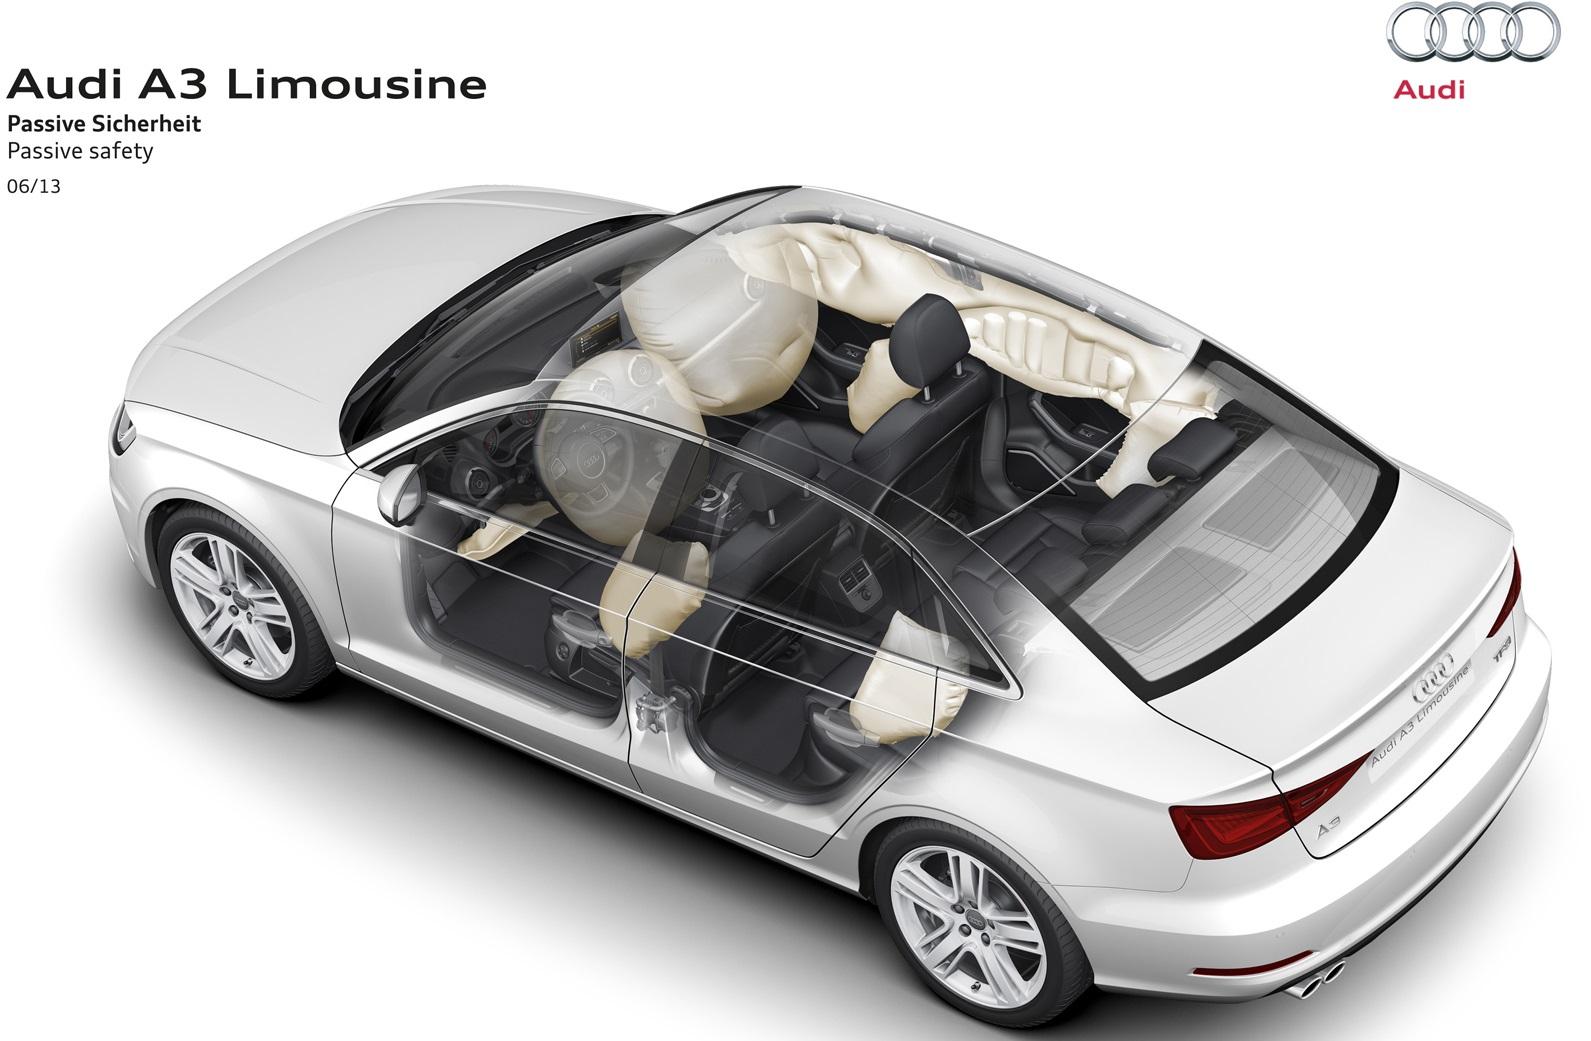 Audi A3 Sedán airbags